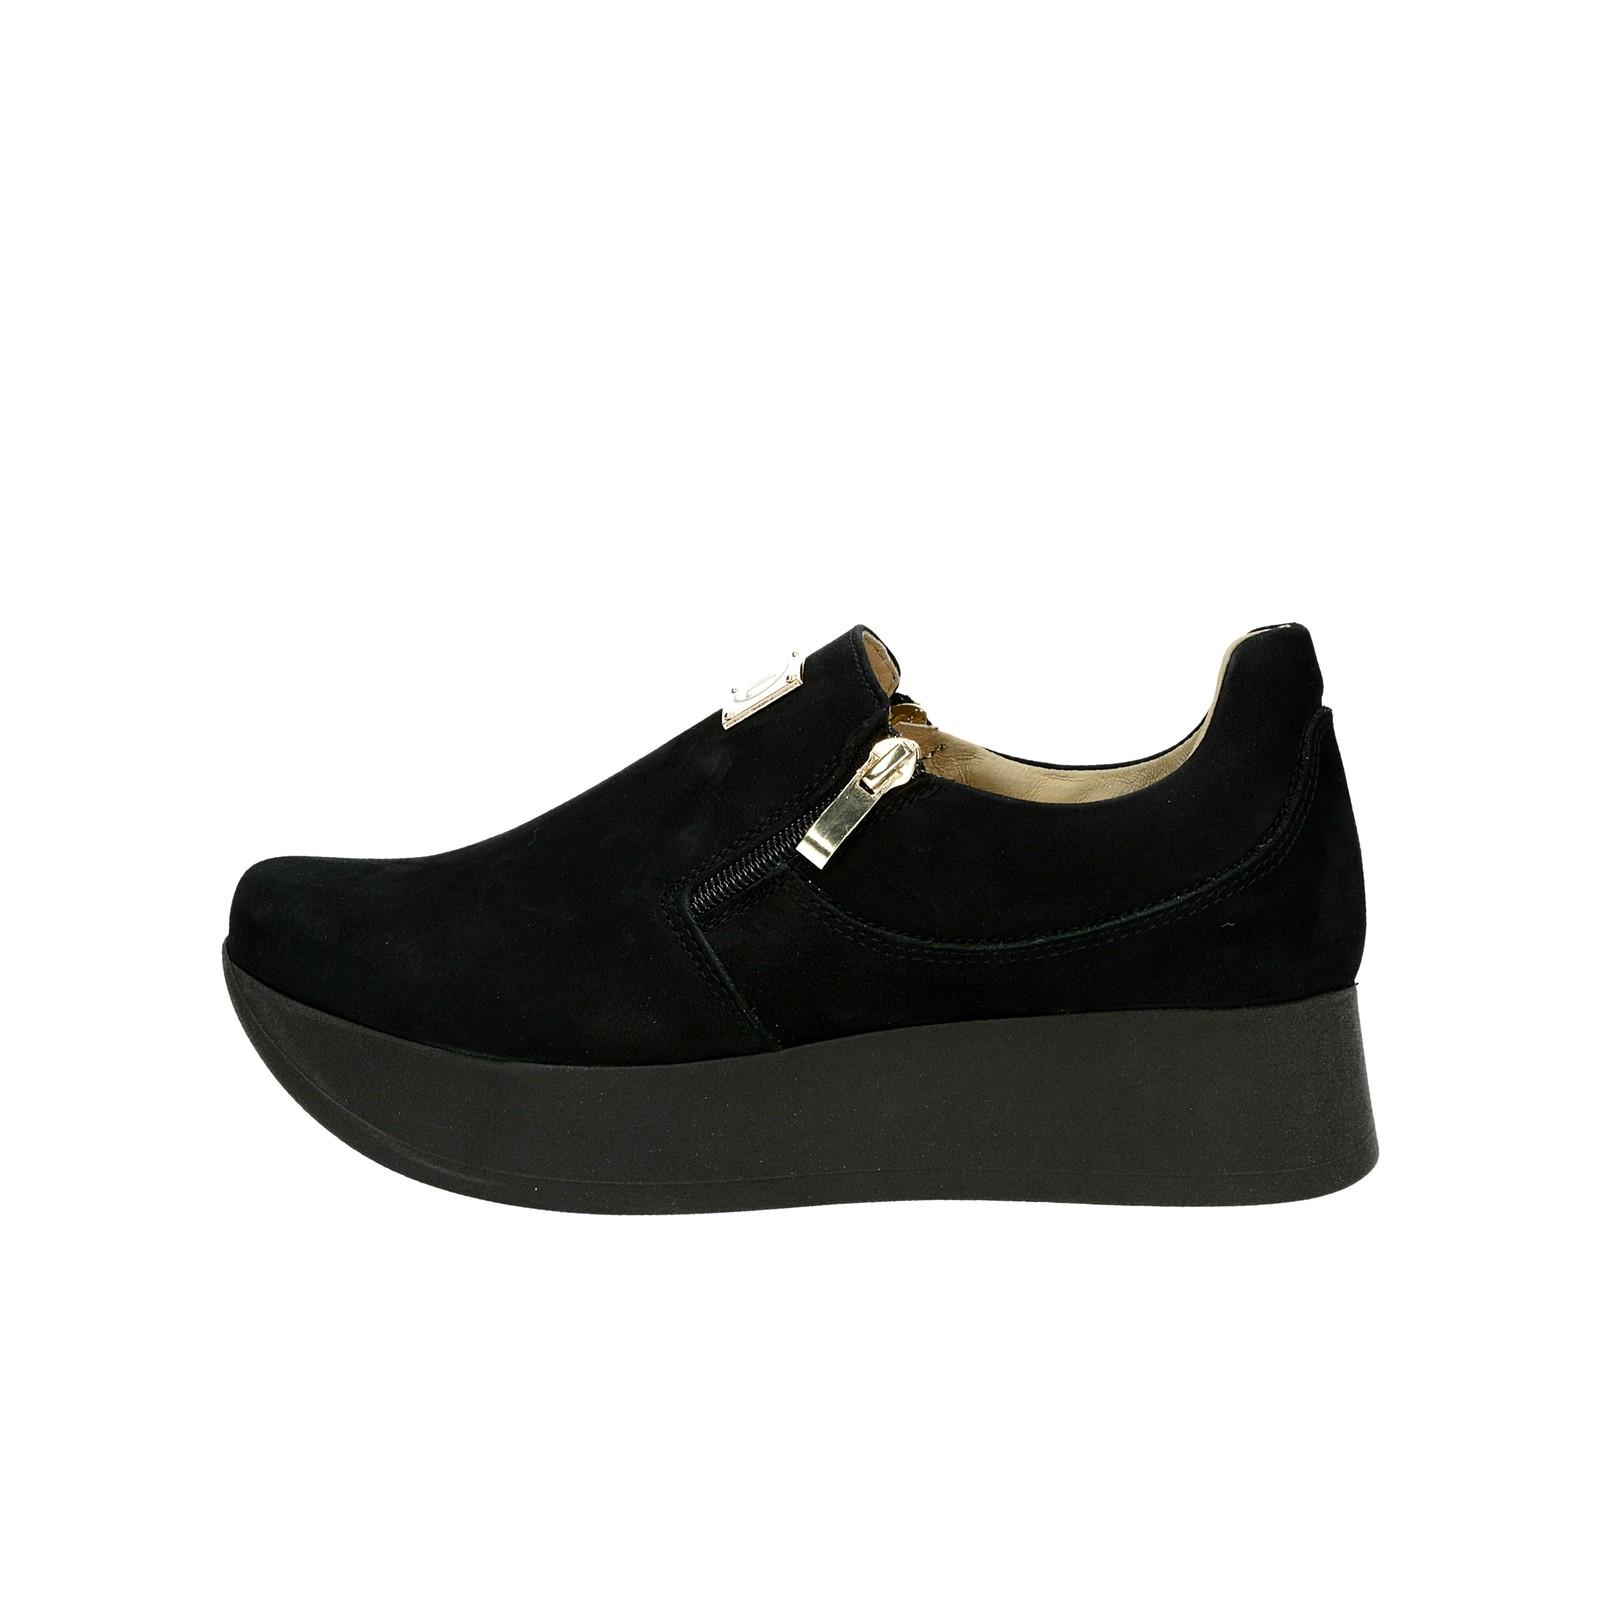 a8aa170732d8 ... Olivia shoes dámske nubukové poltopánky na platforme - čierne ...